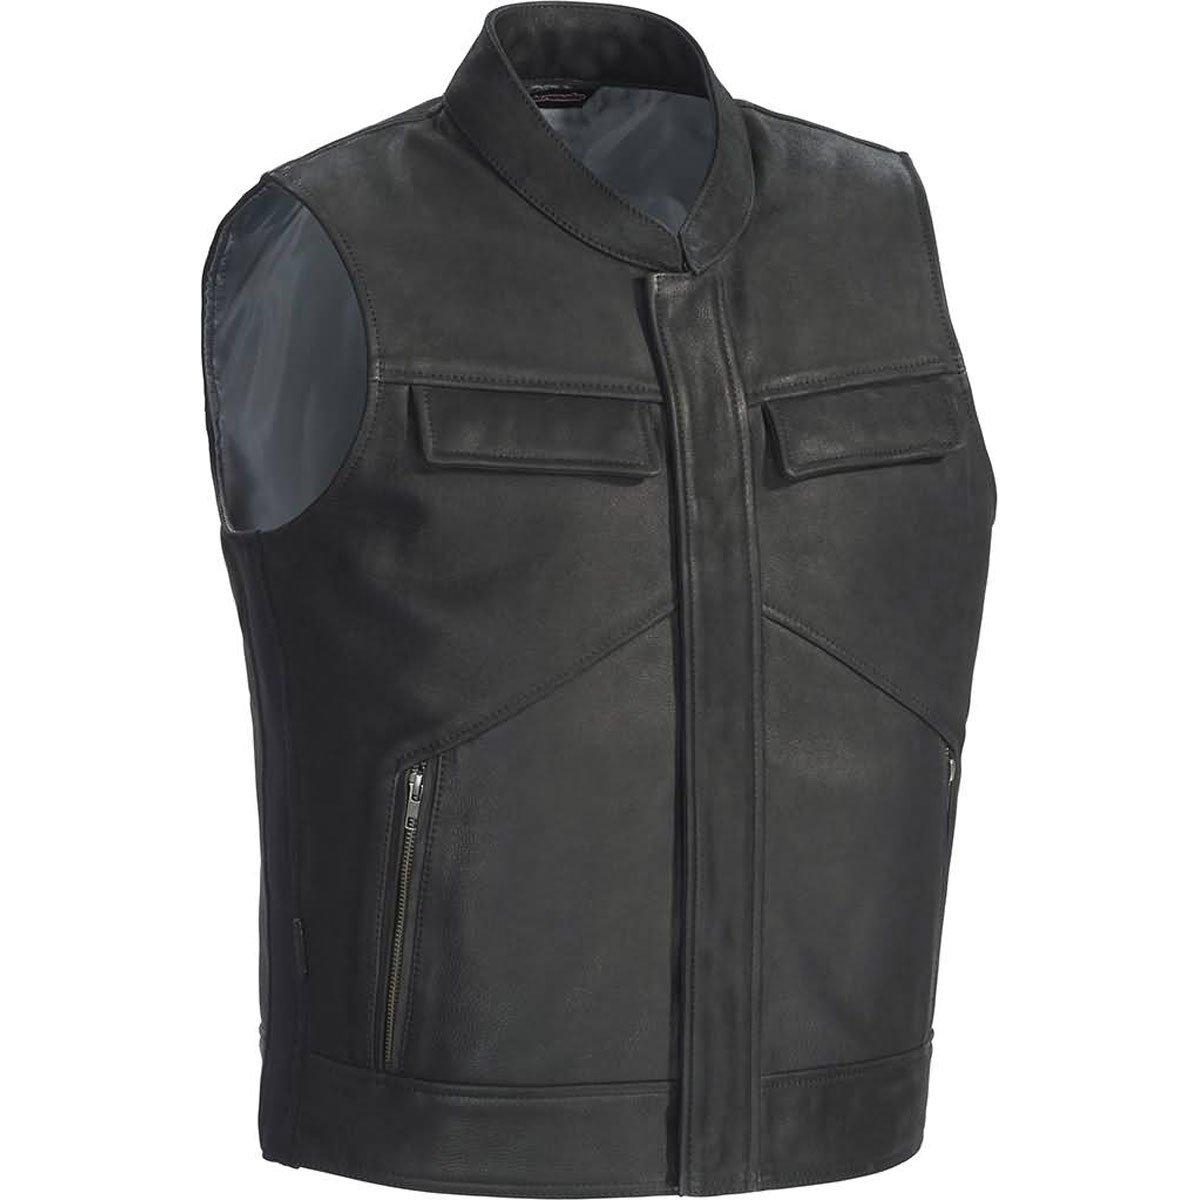 TourMaster Men's Renegade Leather Vest (Black, Large)